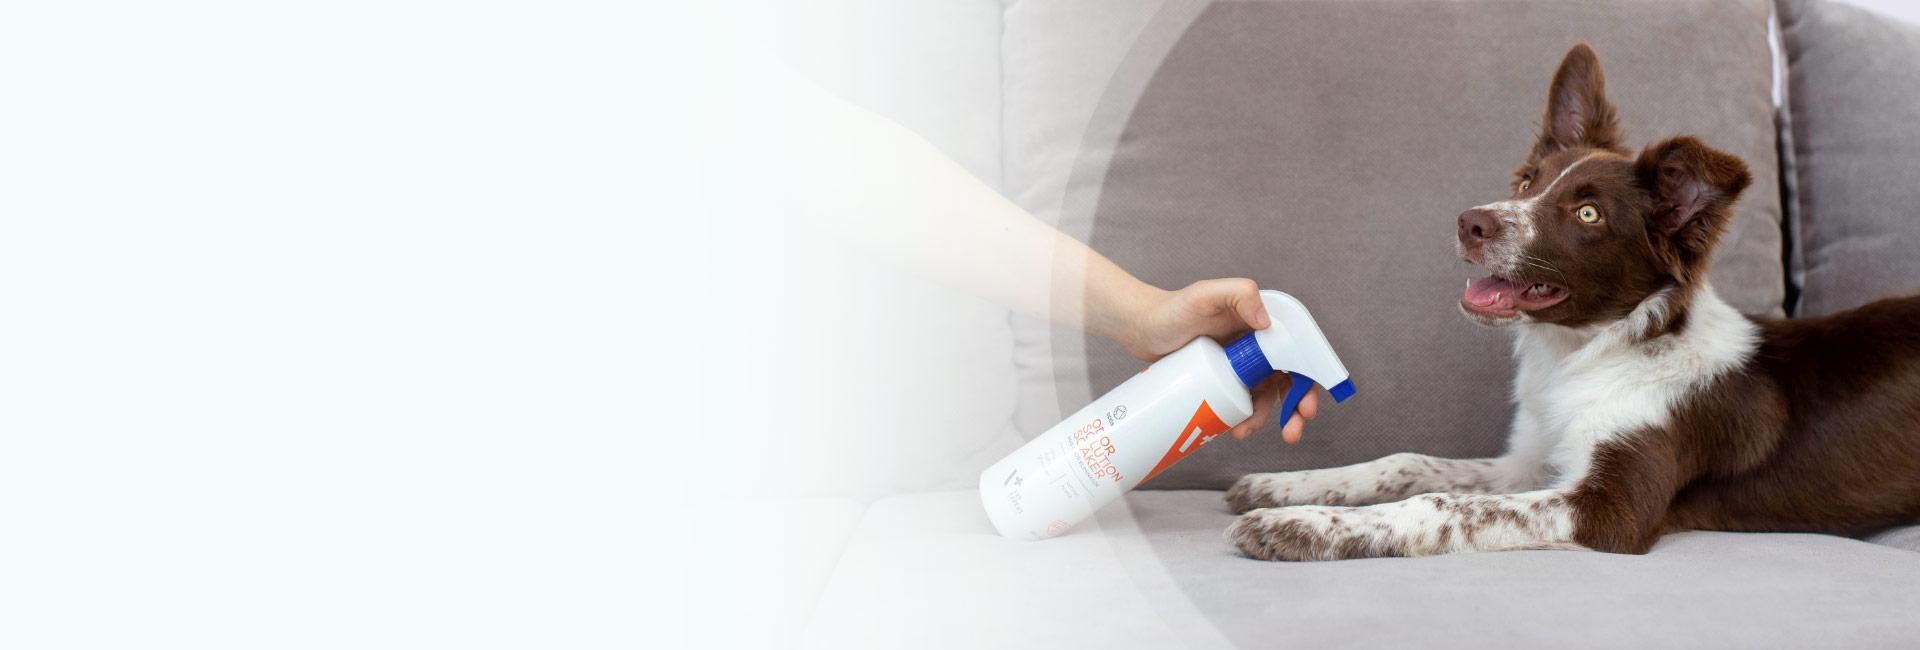 Eliminacja zapachu u psów